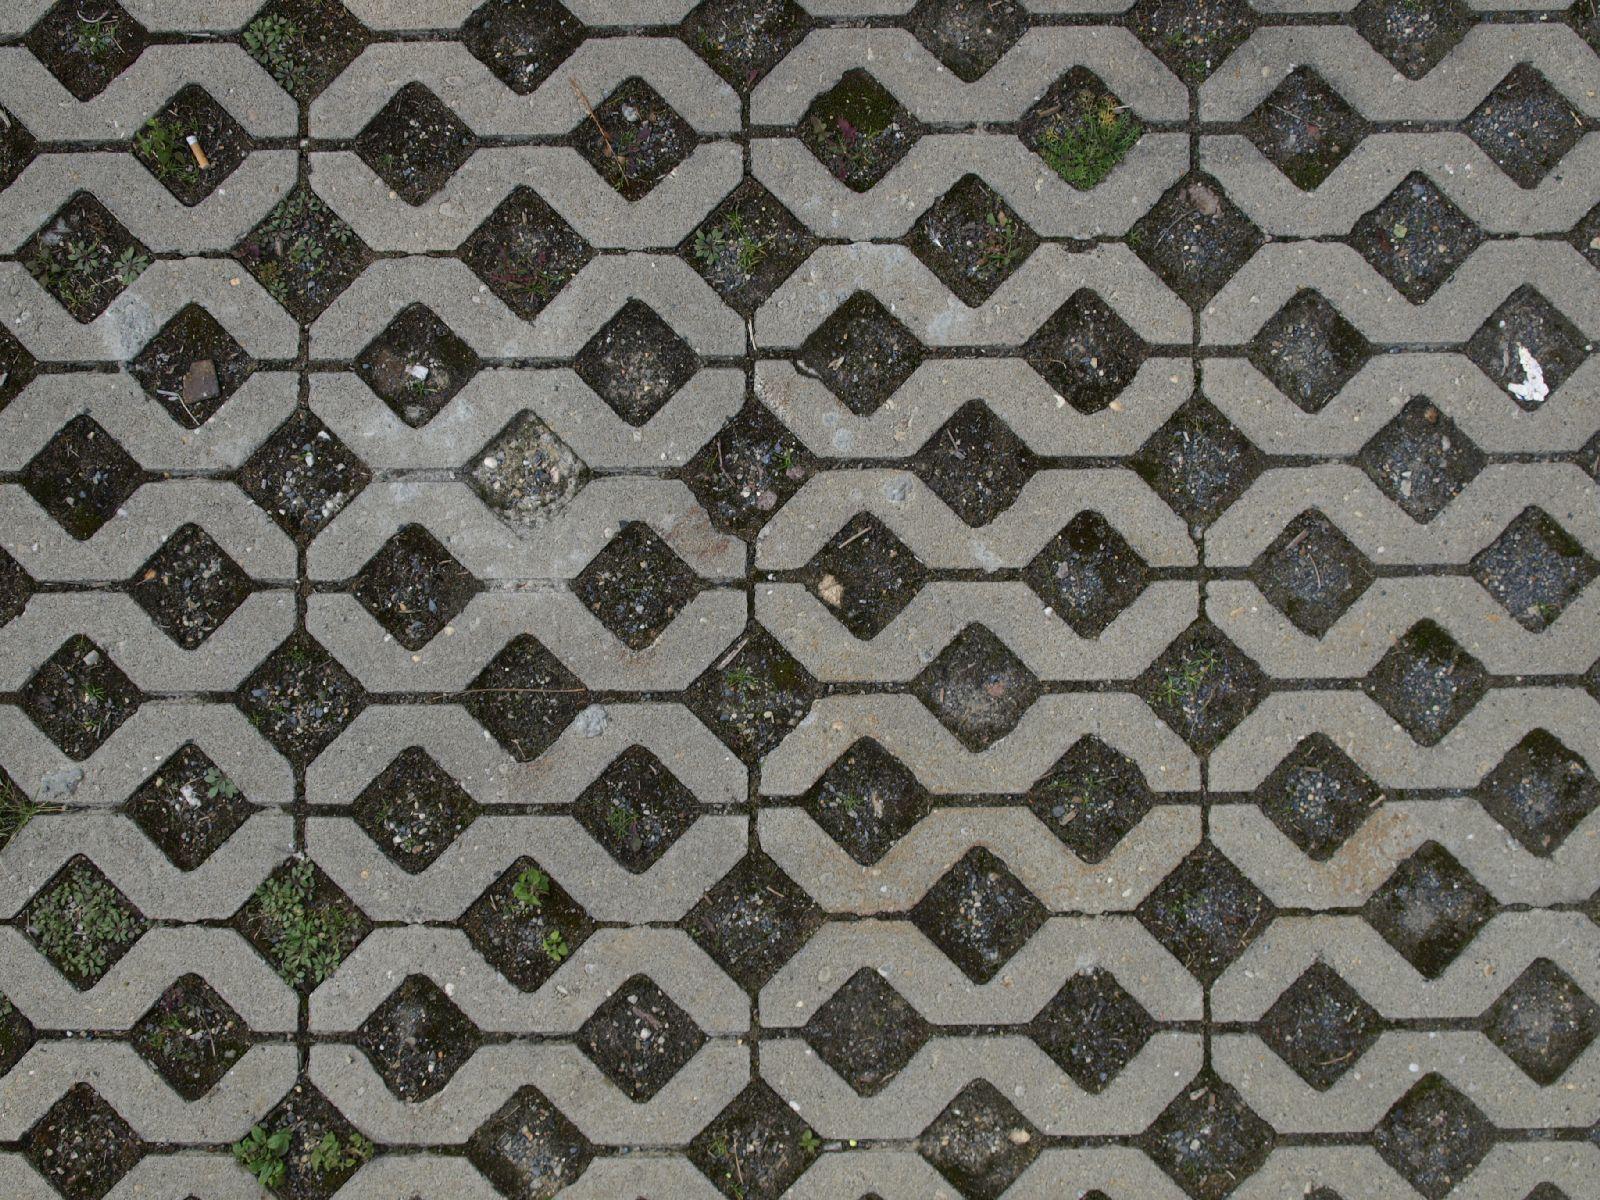 Ground-Urban_Texture_A_P9205311